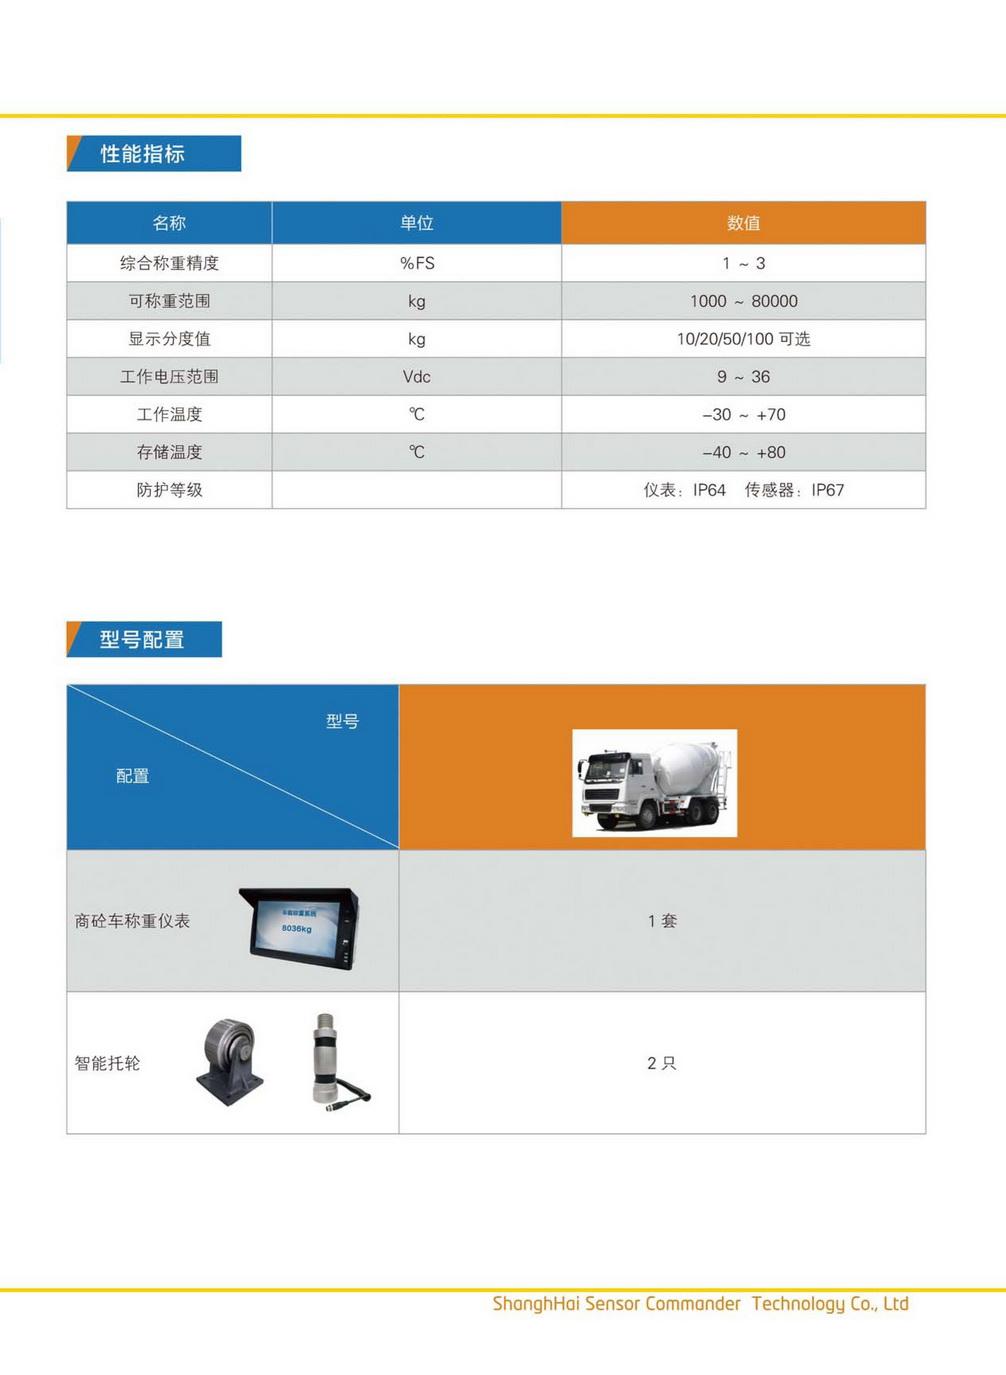 尚测科技产品选型手册 V1.3_页面_82_调整大小.jpg